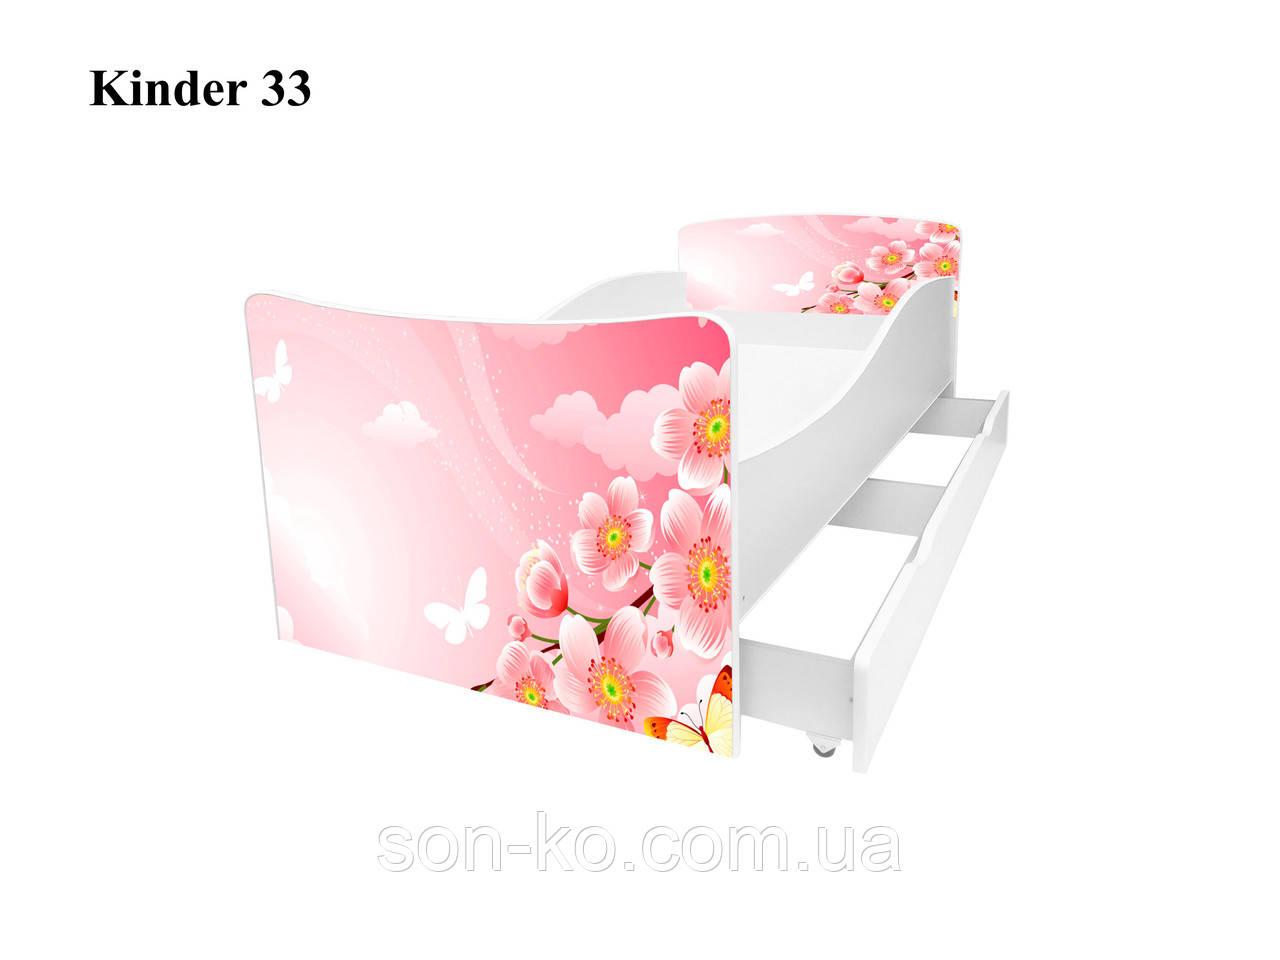 Кровать детская Киндер Цветочки, бабочки, сердечки 2. Бесплатная доставка